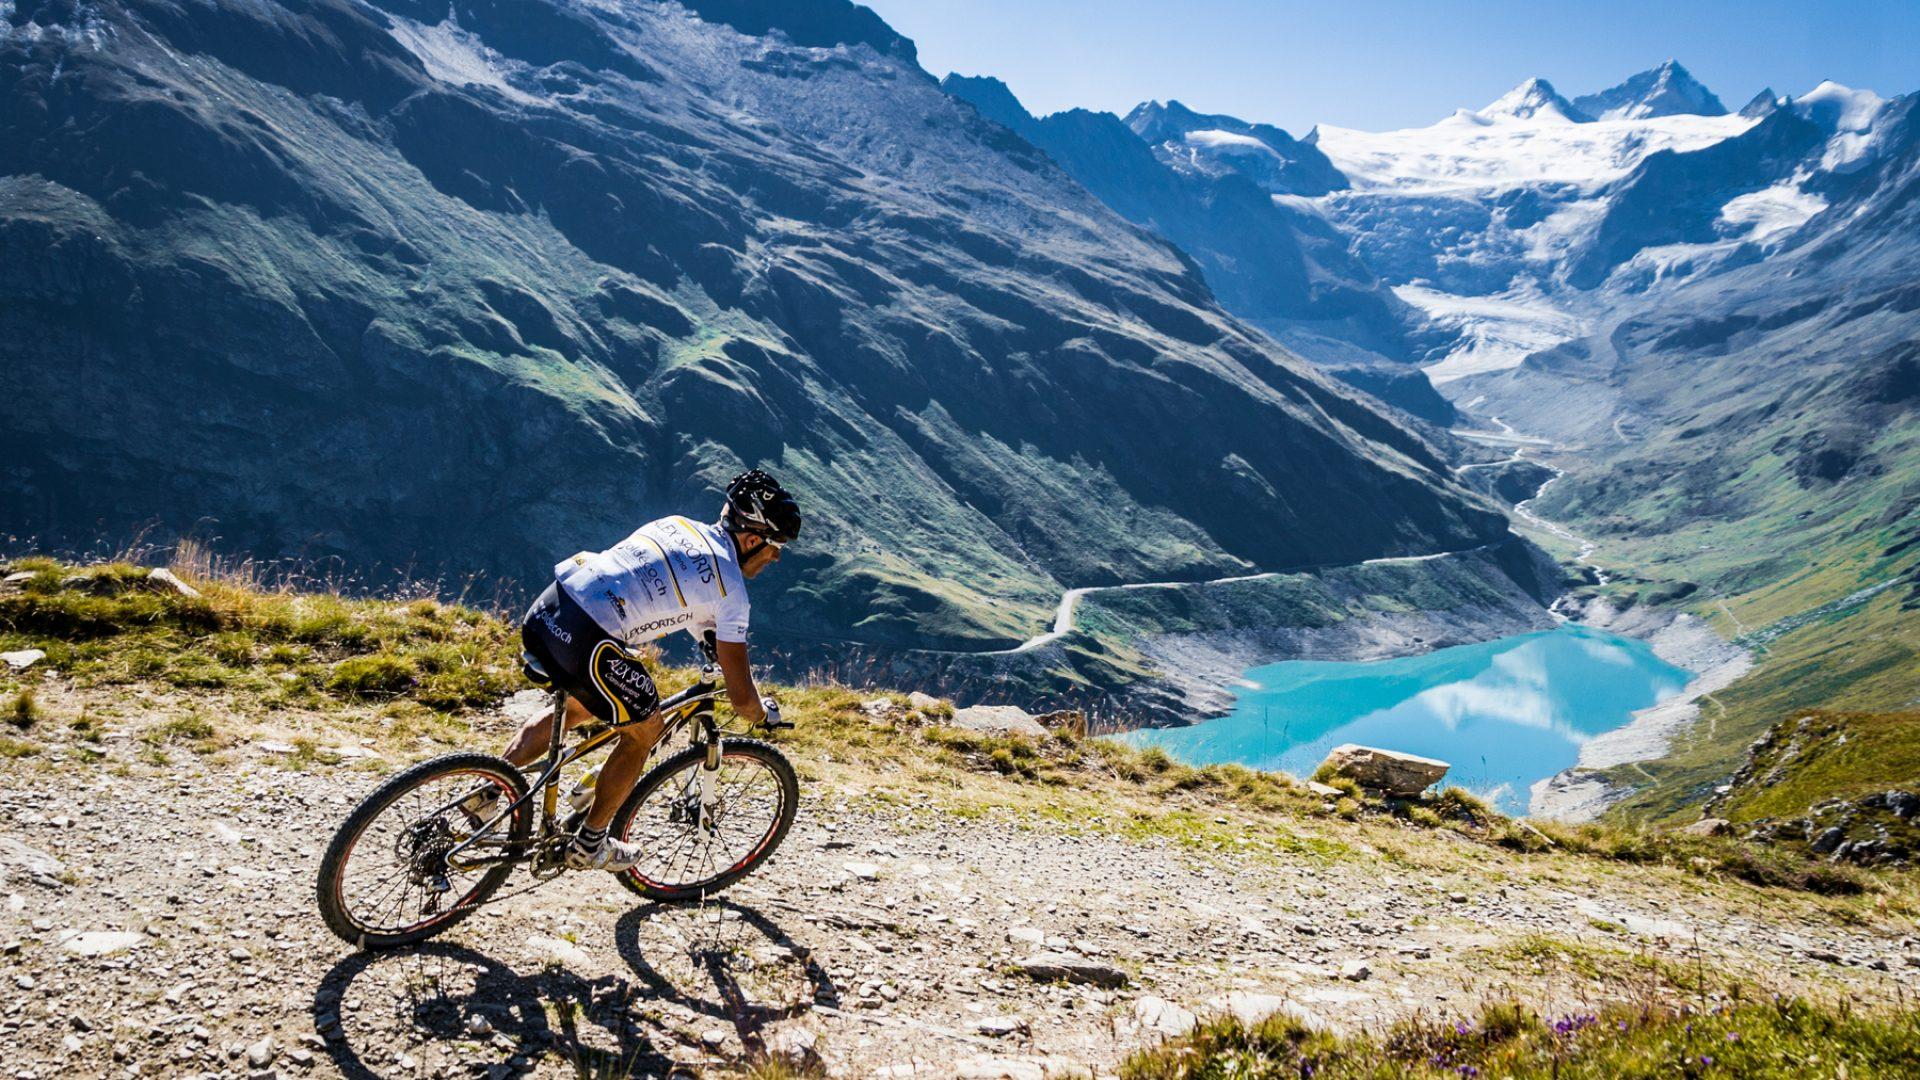 Spots & Fitness in Switzerland